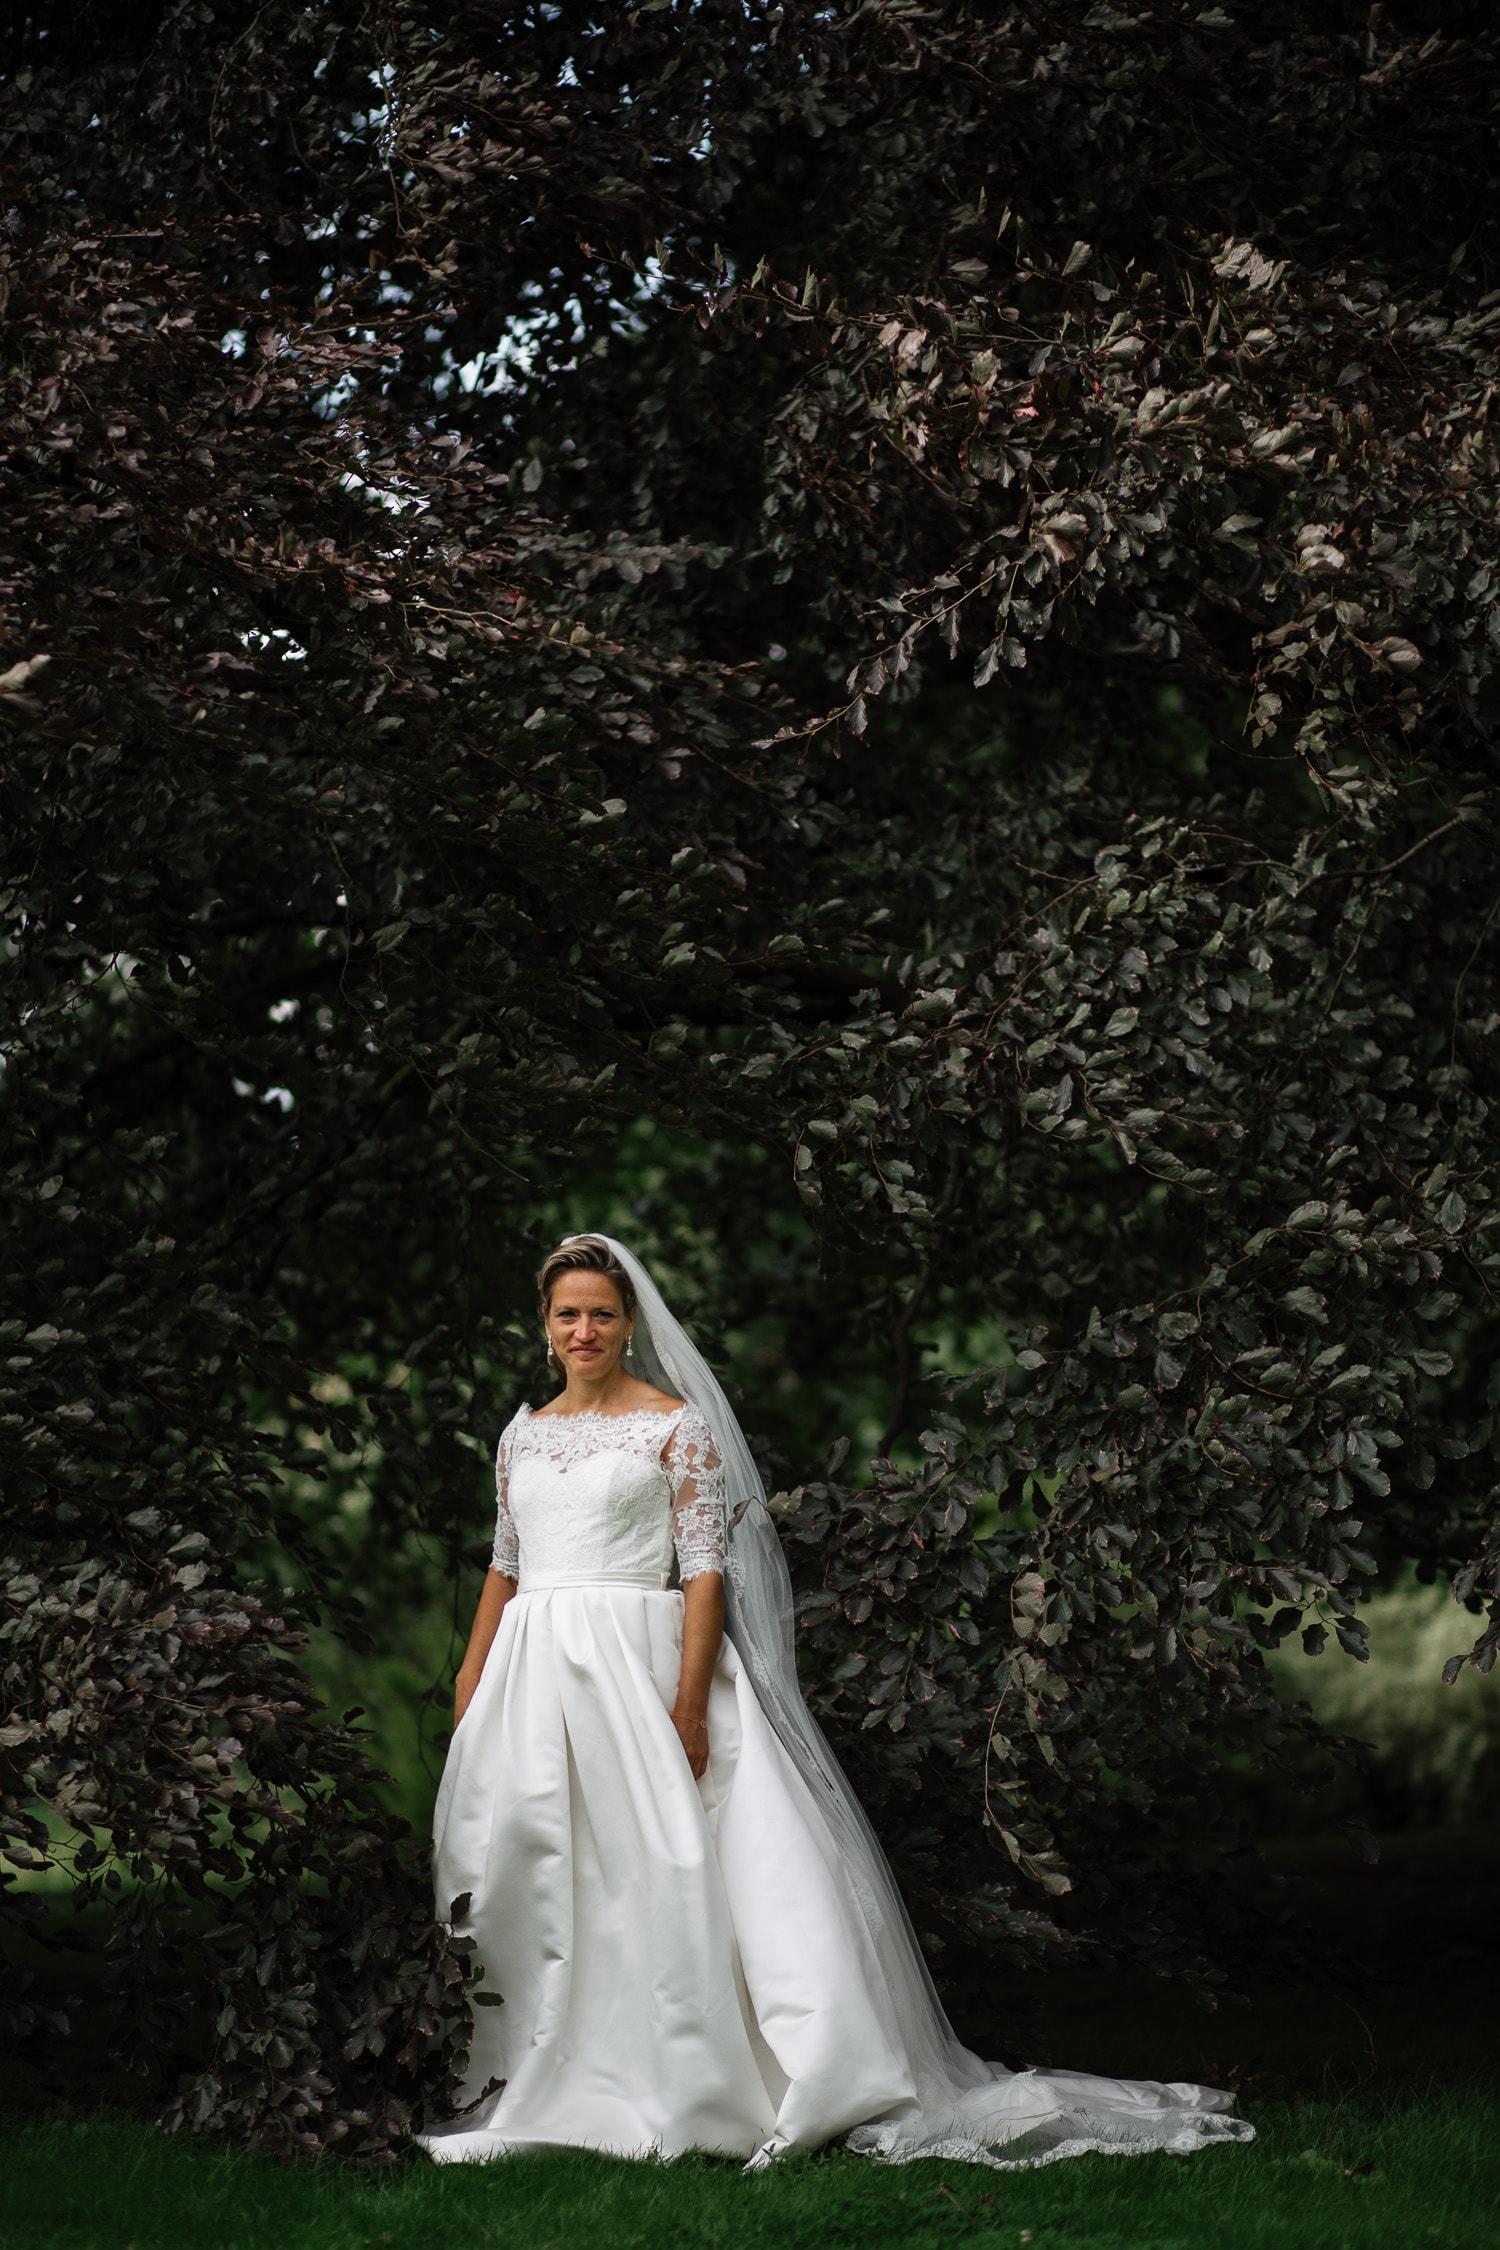 Julia-Benno-Hochzeitsreportage-88a Märchen-Hochzeit auf Schloss Schwöbber Hochzeitreportage